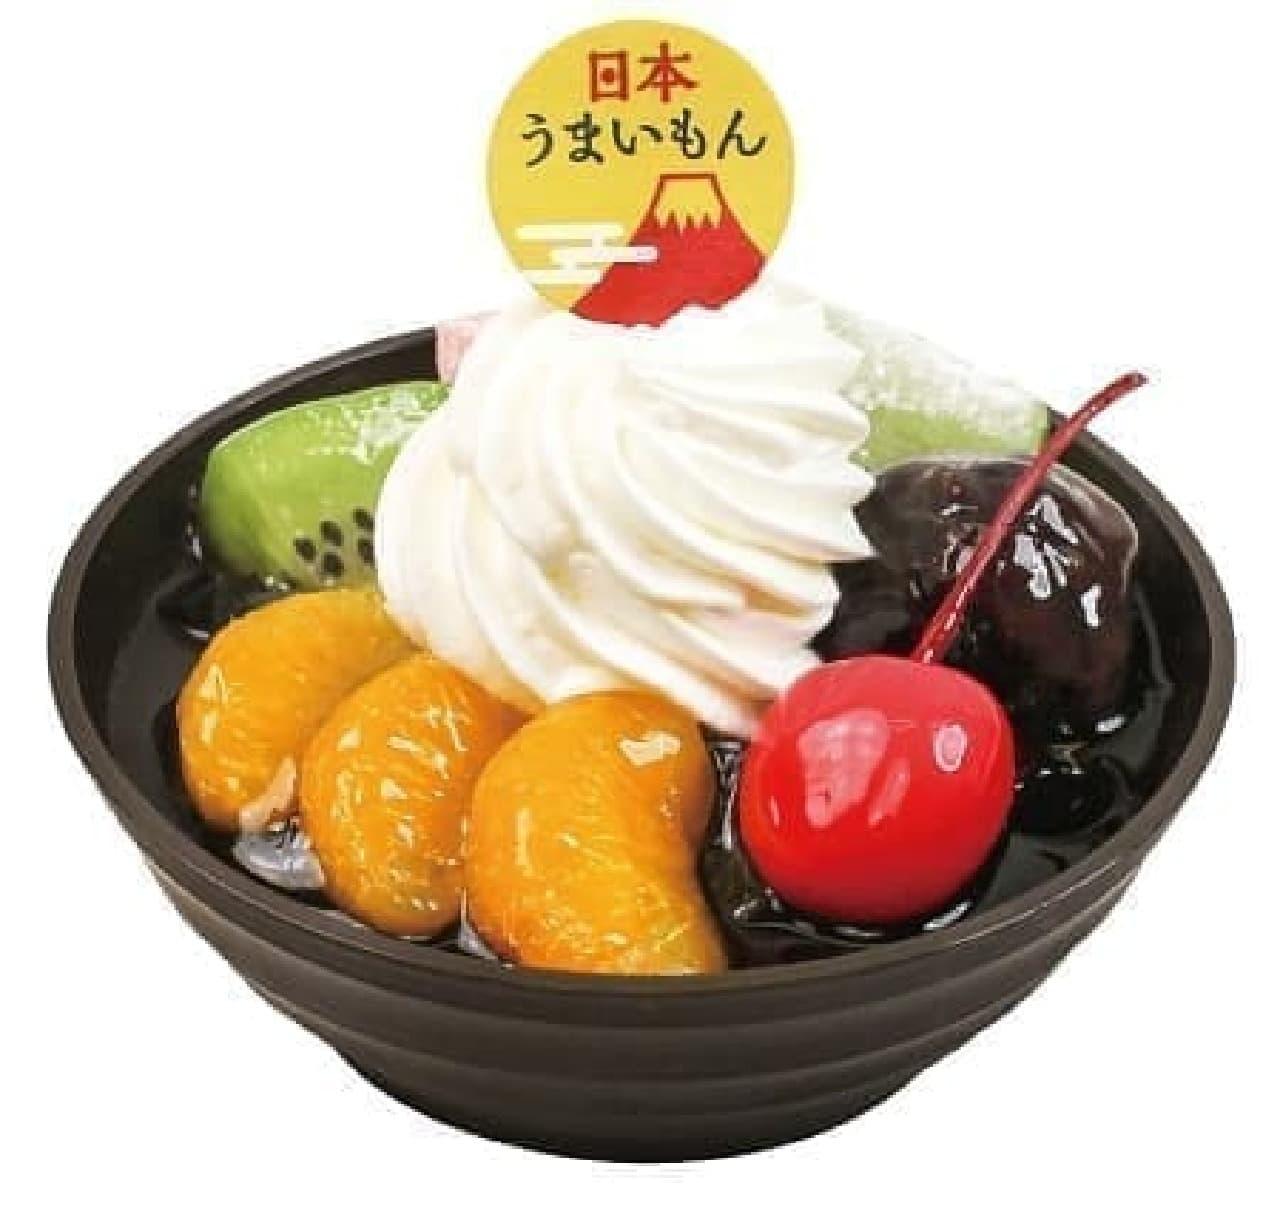 不二家洋菓子店「沖縄県多良間島産黒糖のクリームあんみつ」